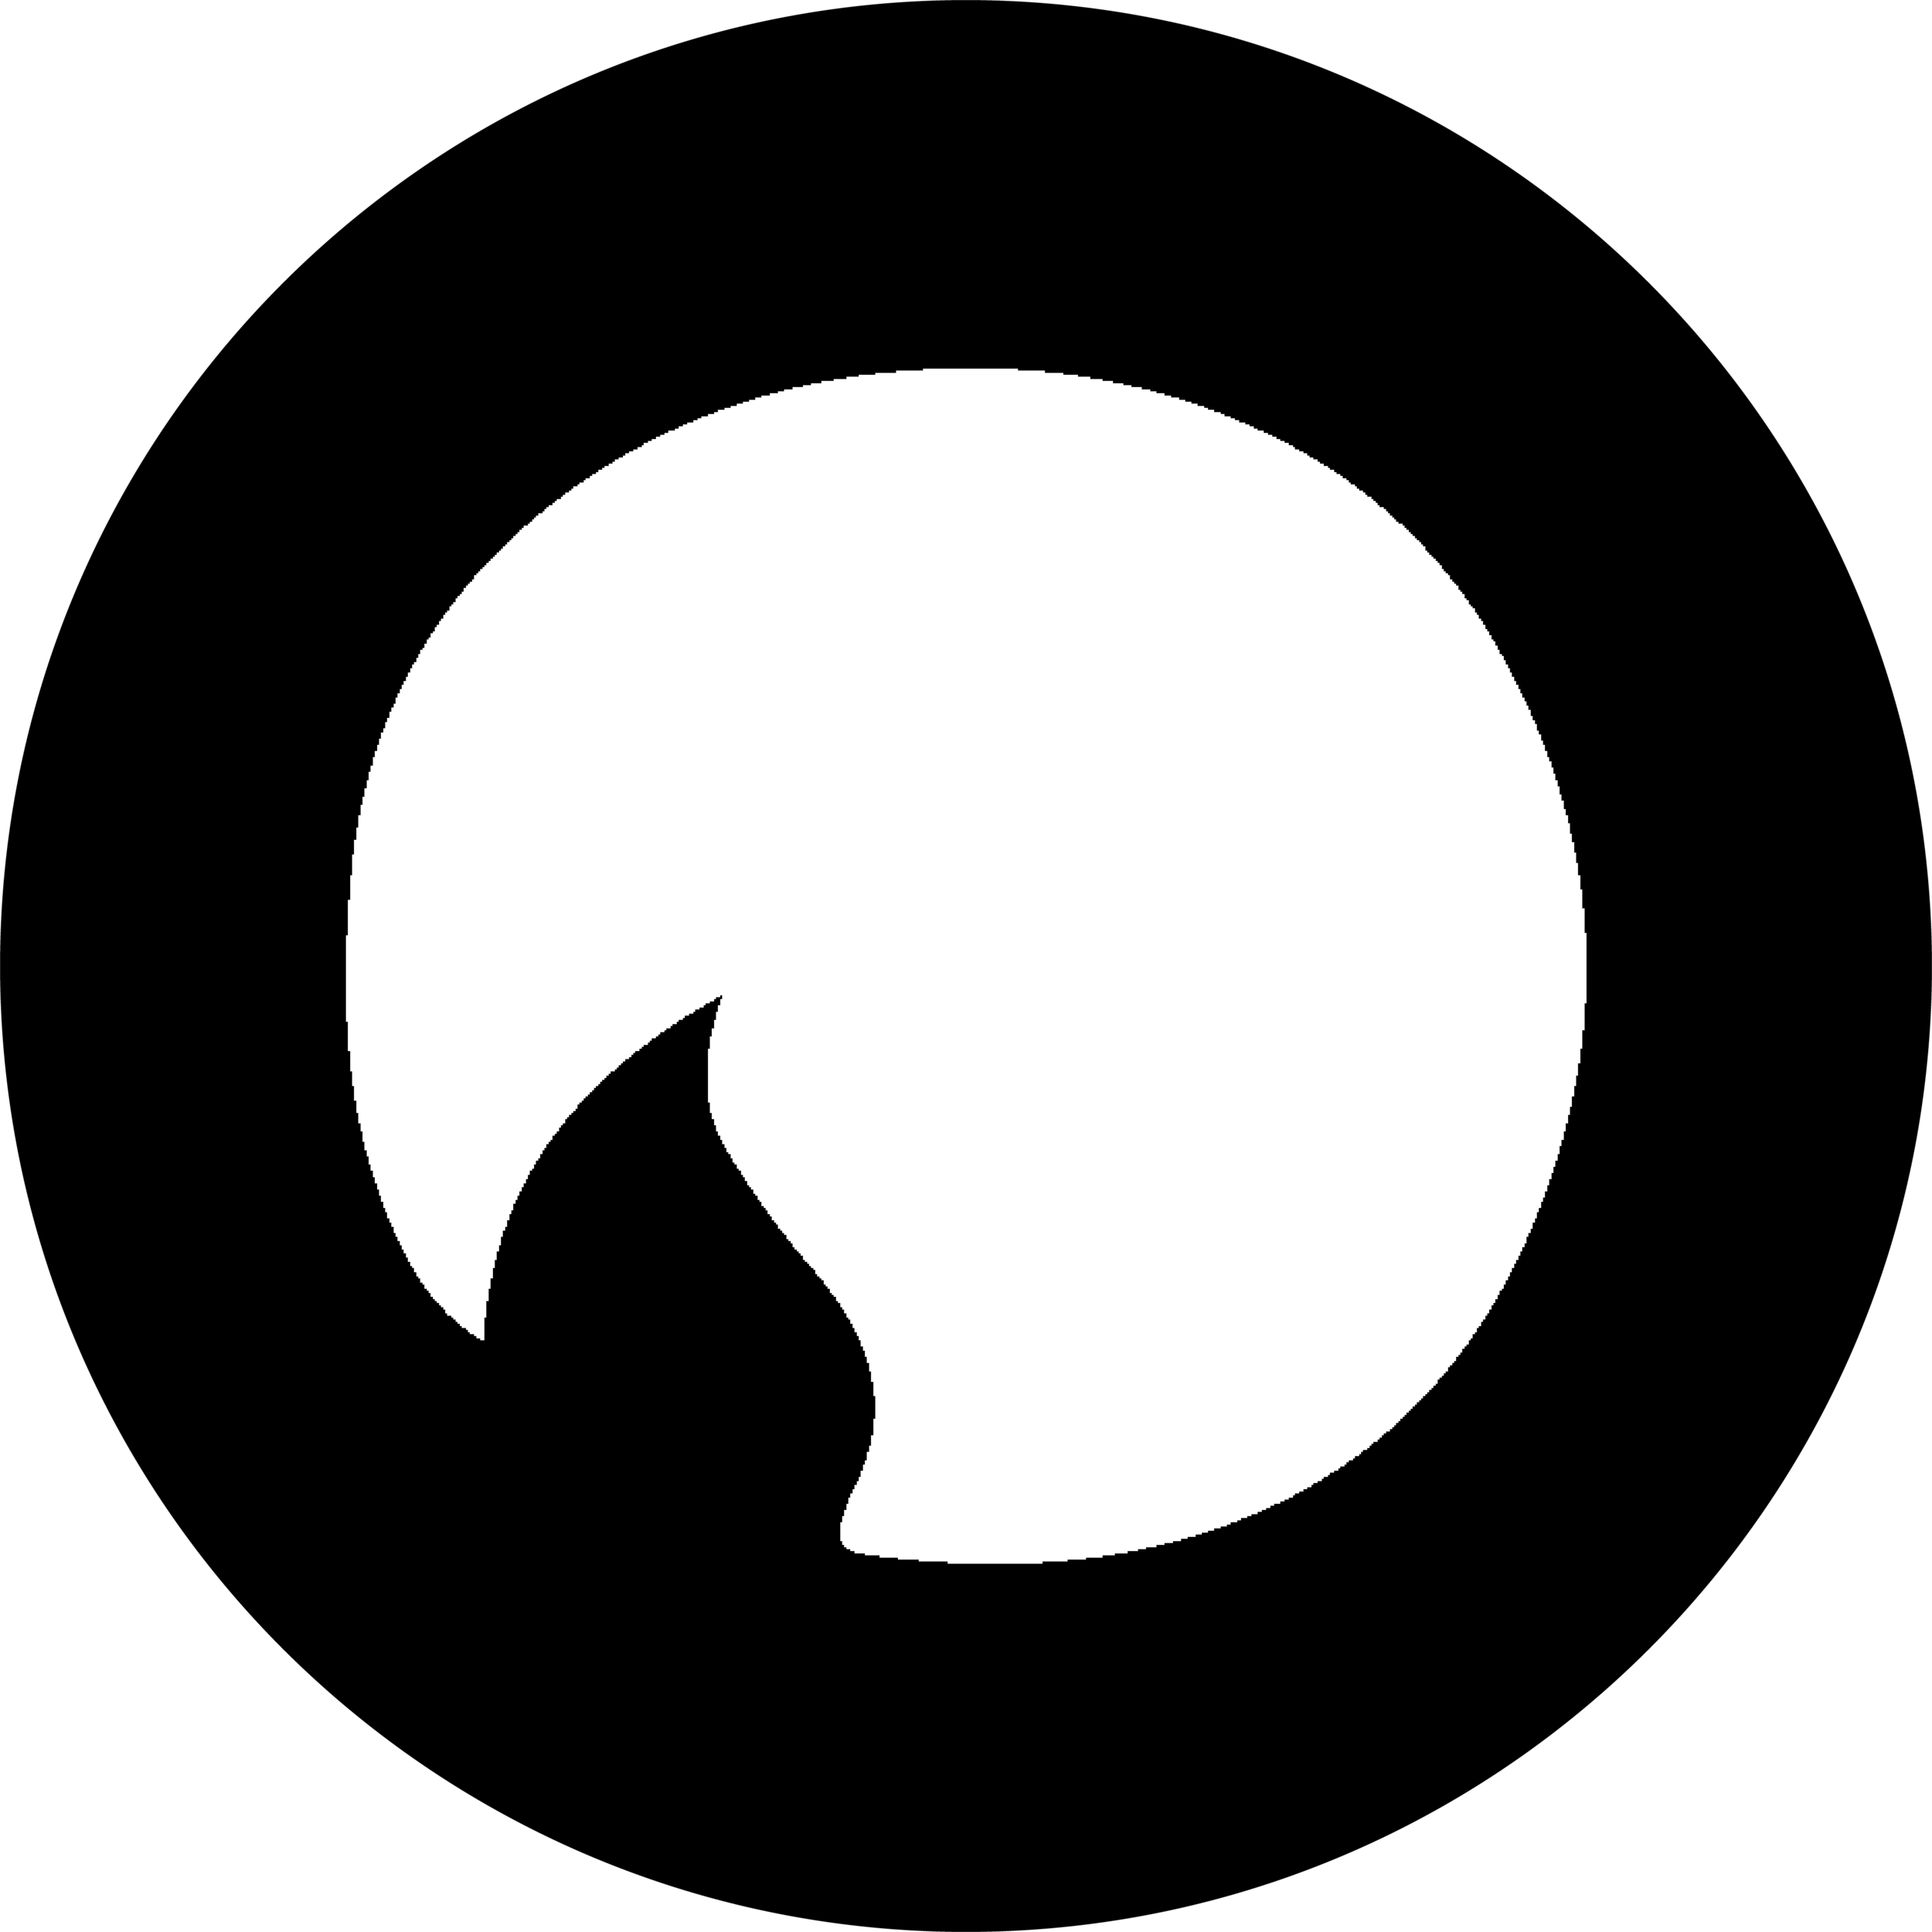 Copy of MO circle logo.png